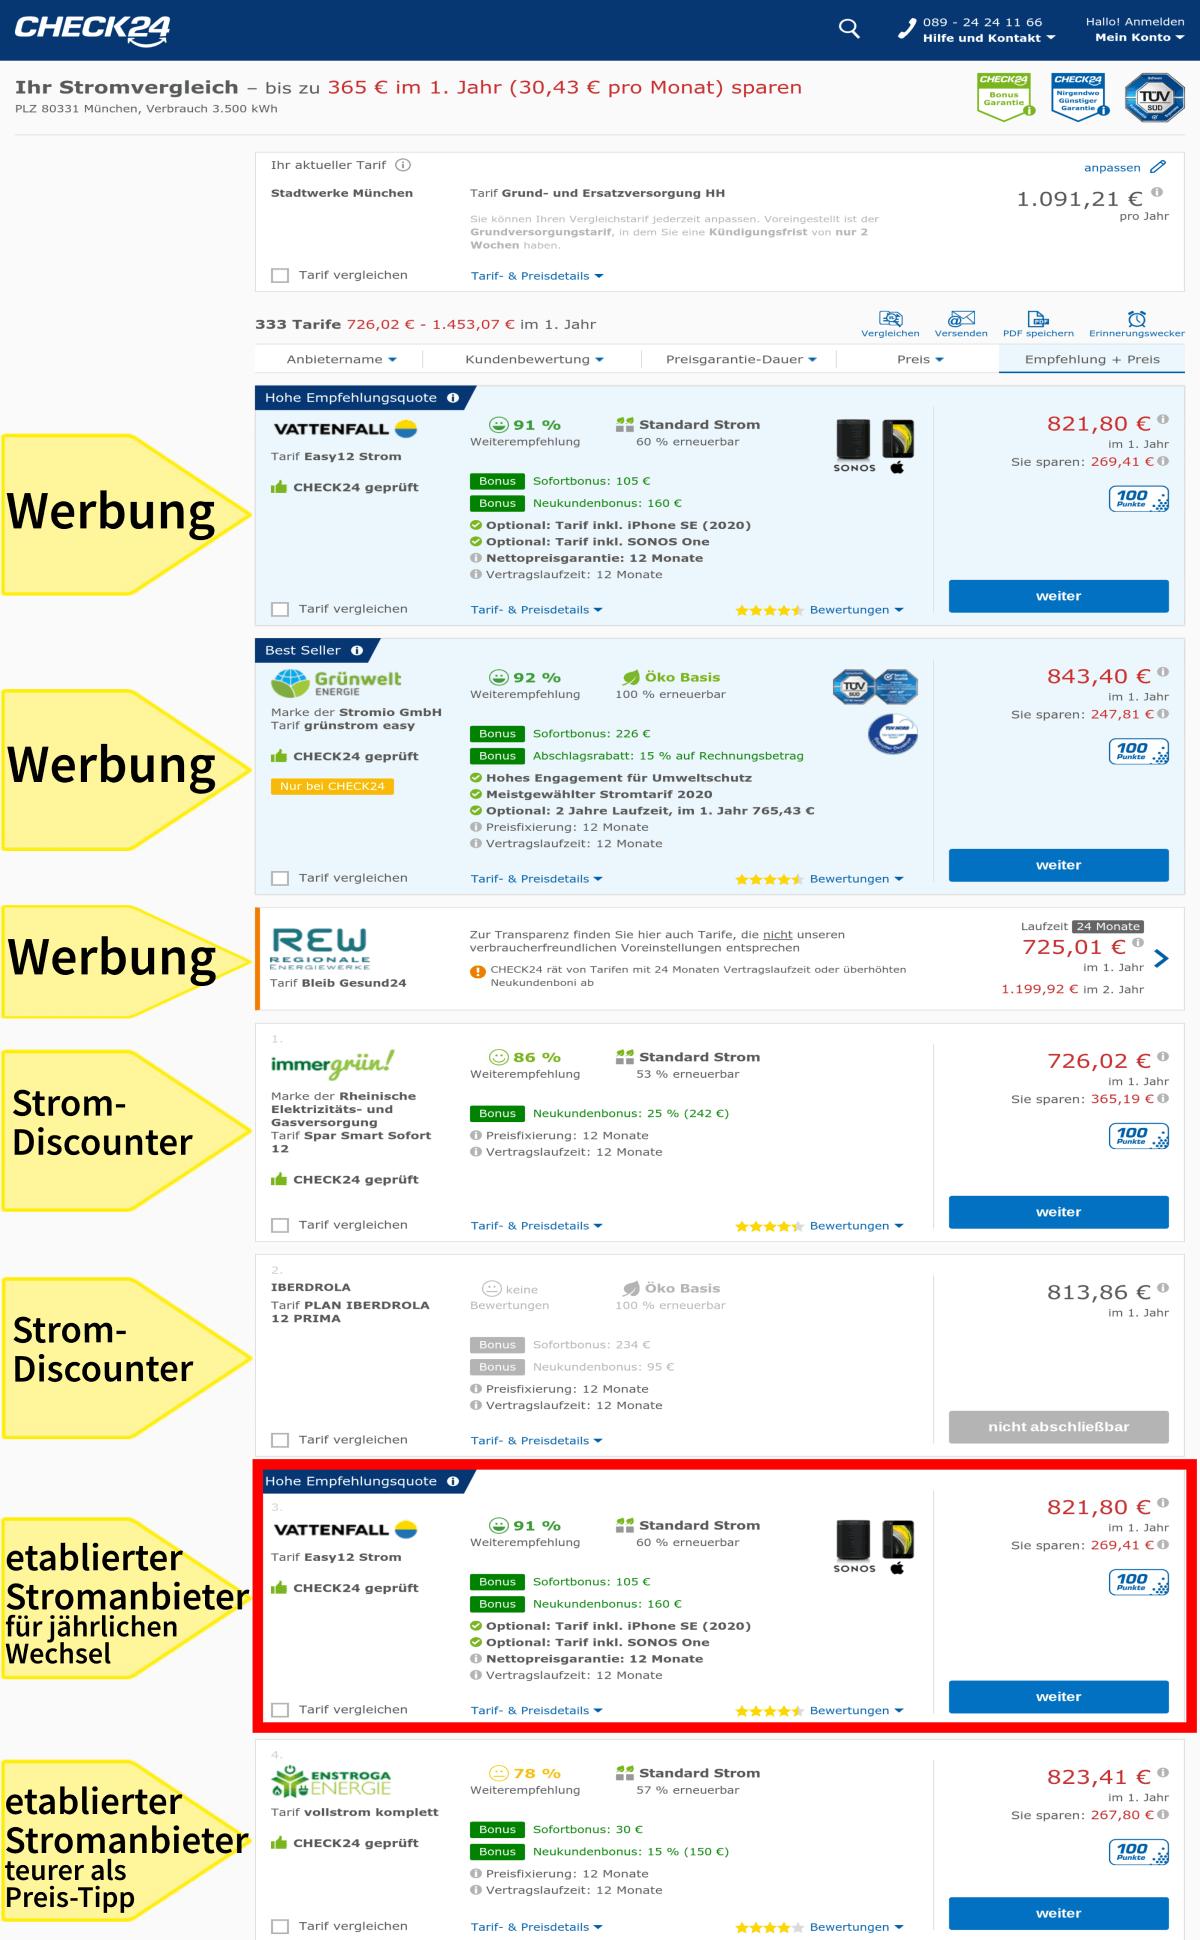 Die Auswahl im Vergleichsportal Check24, Stromanbieter jährlich wechseln in München